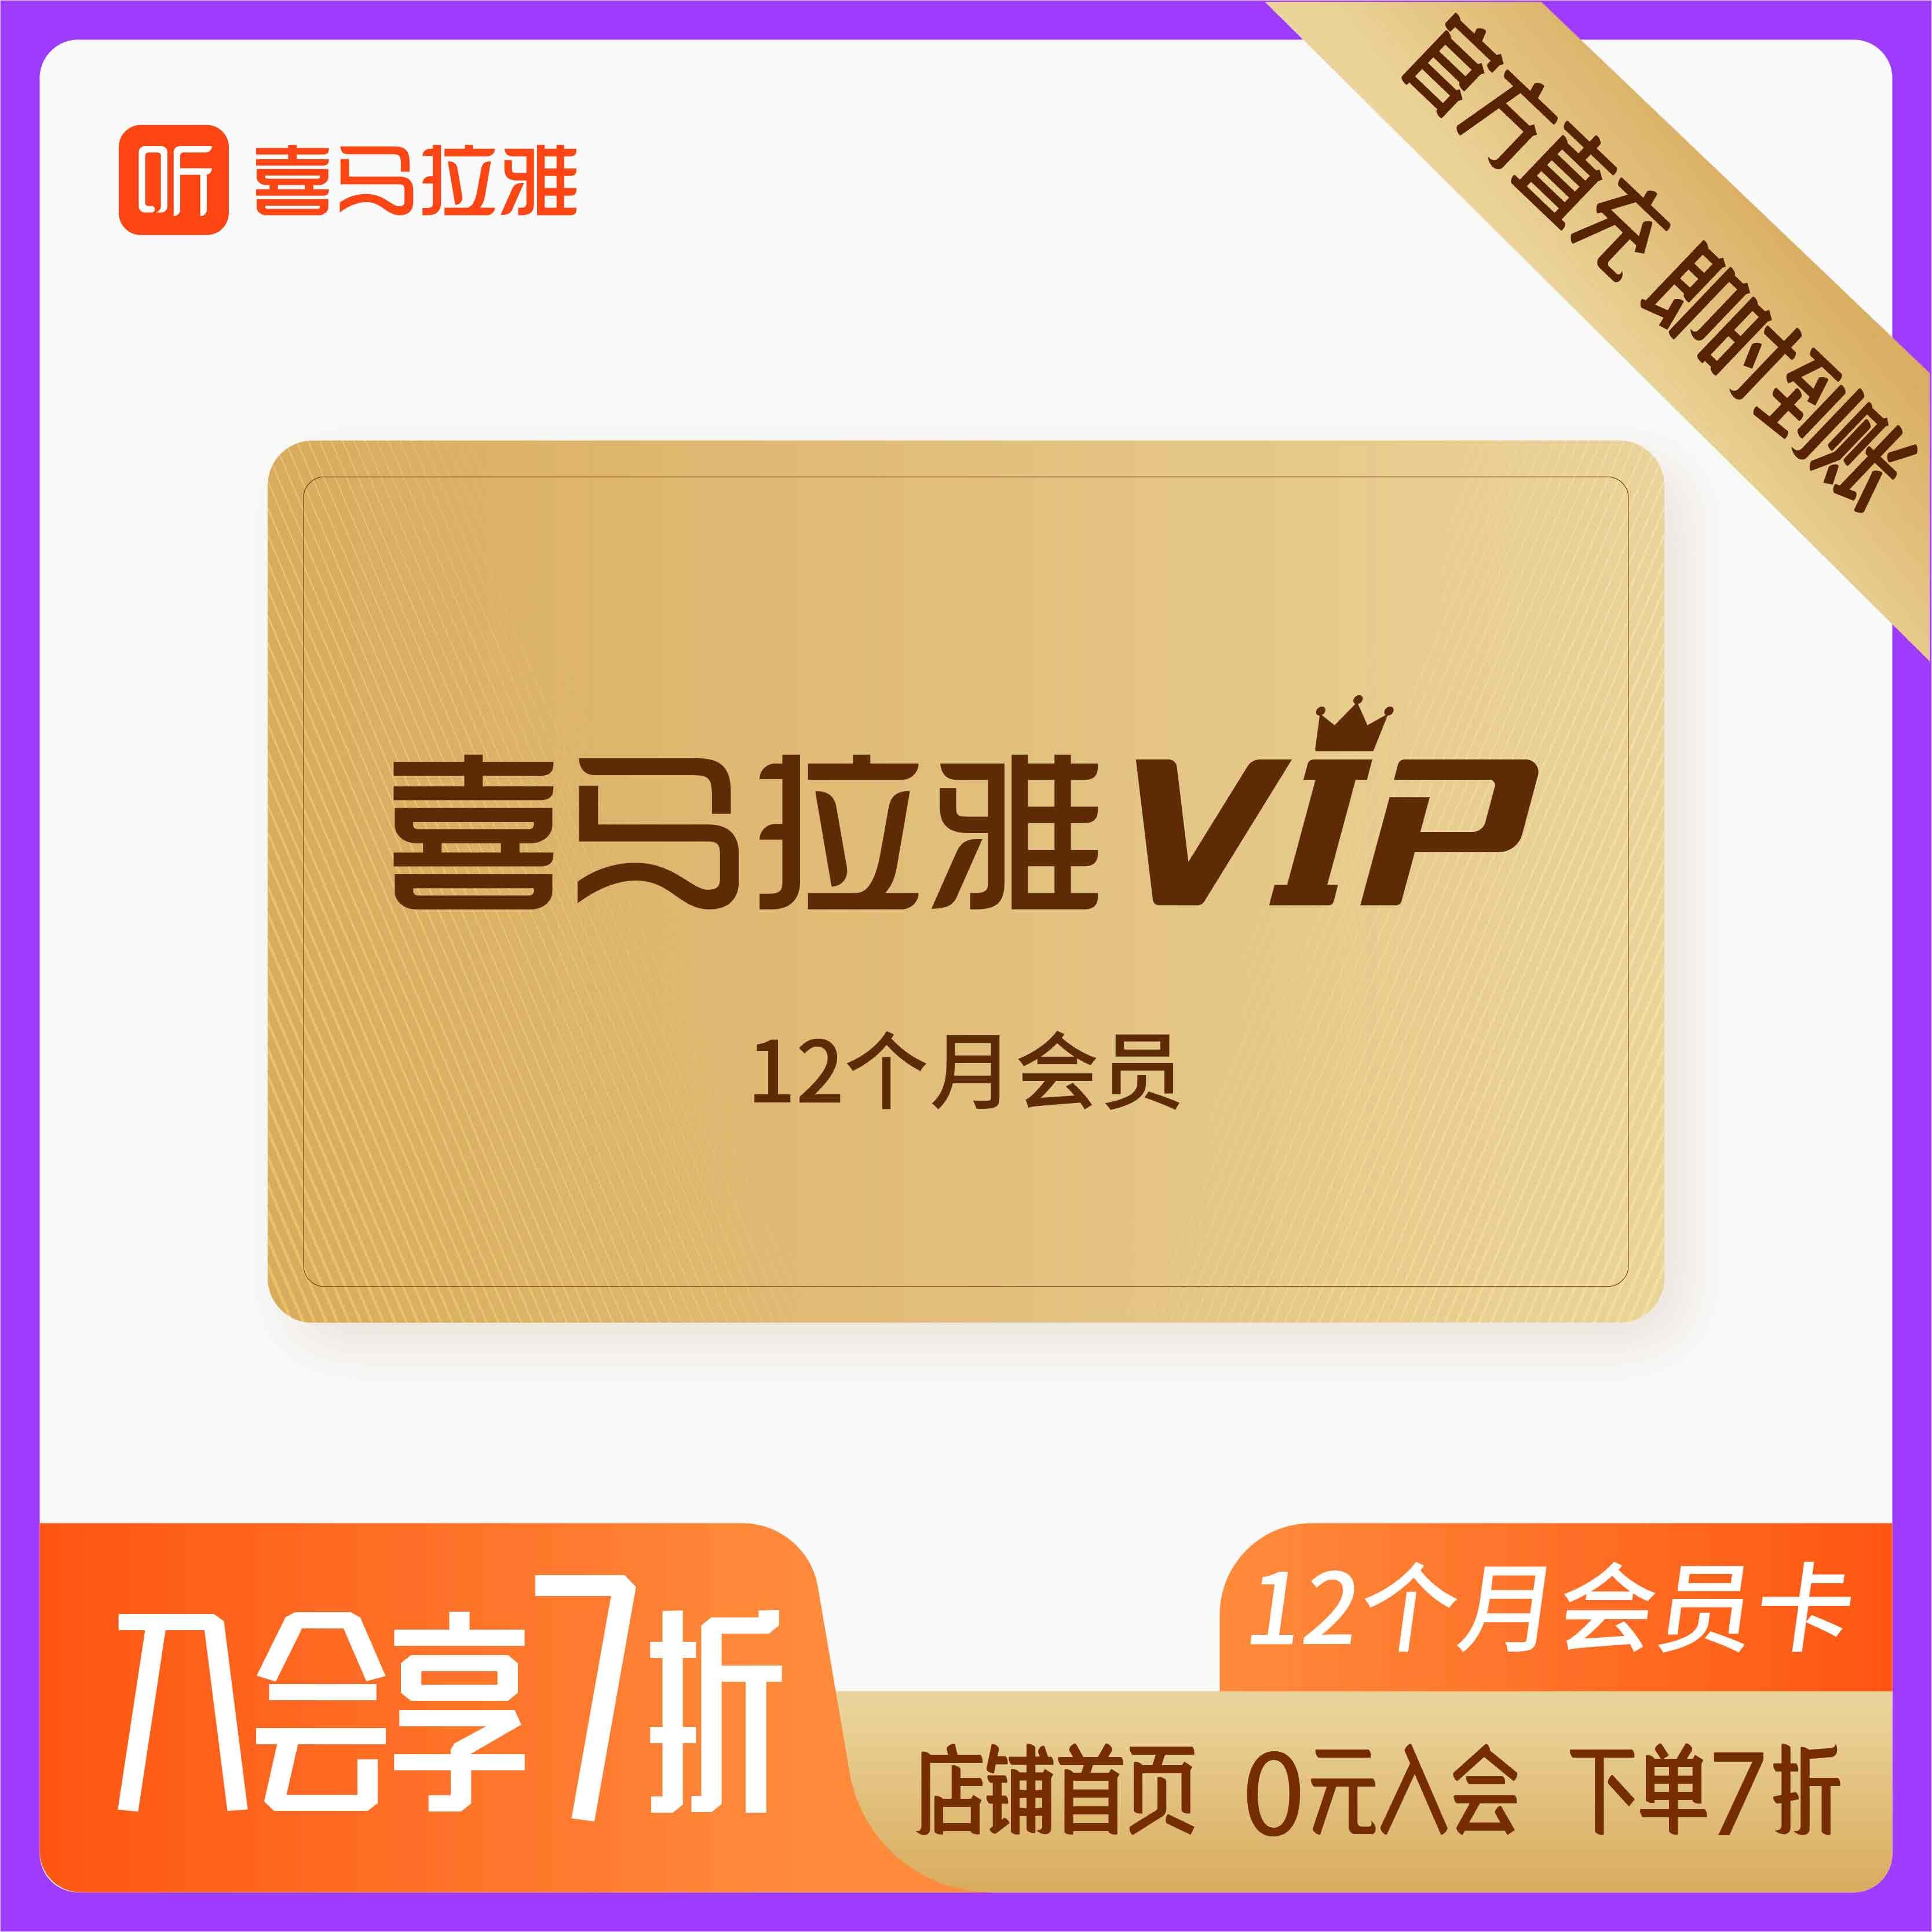 喜马拉雅FM会员12个月 VIP会员月年卡 自动充值XMLY【一次请购买一件,需要多买的请分多次下单】